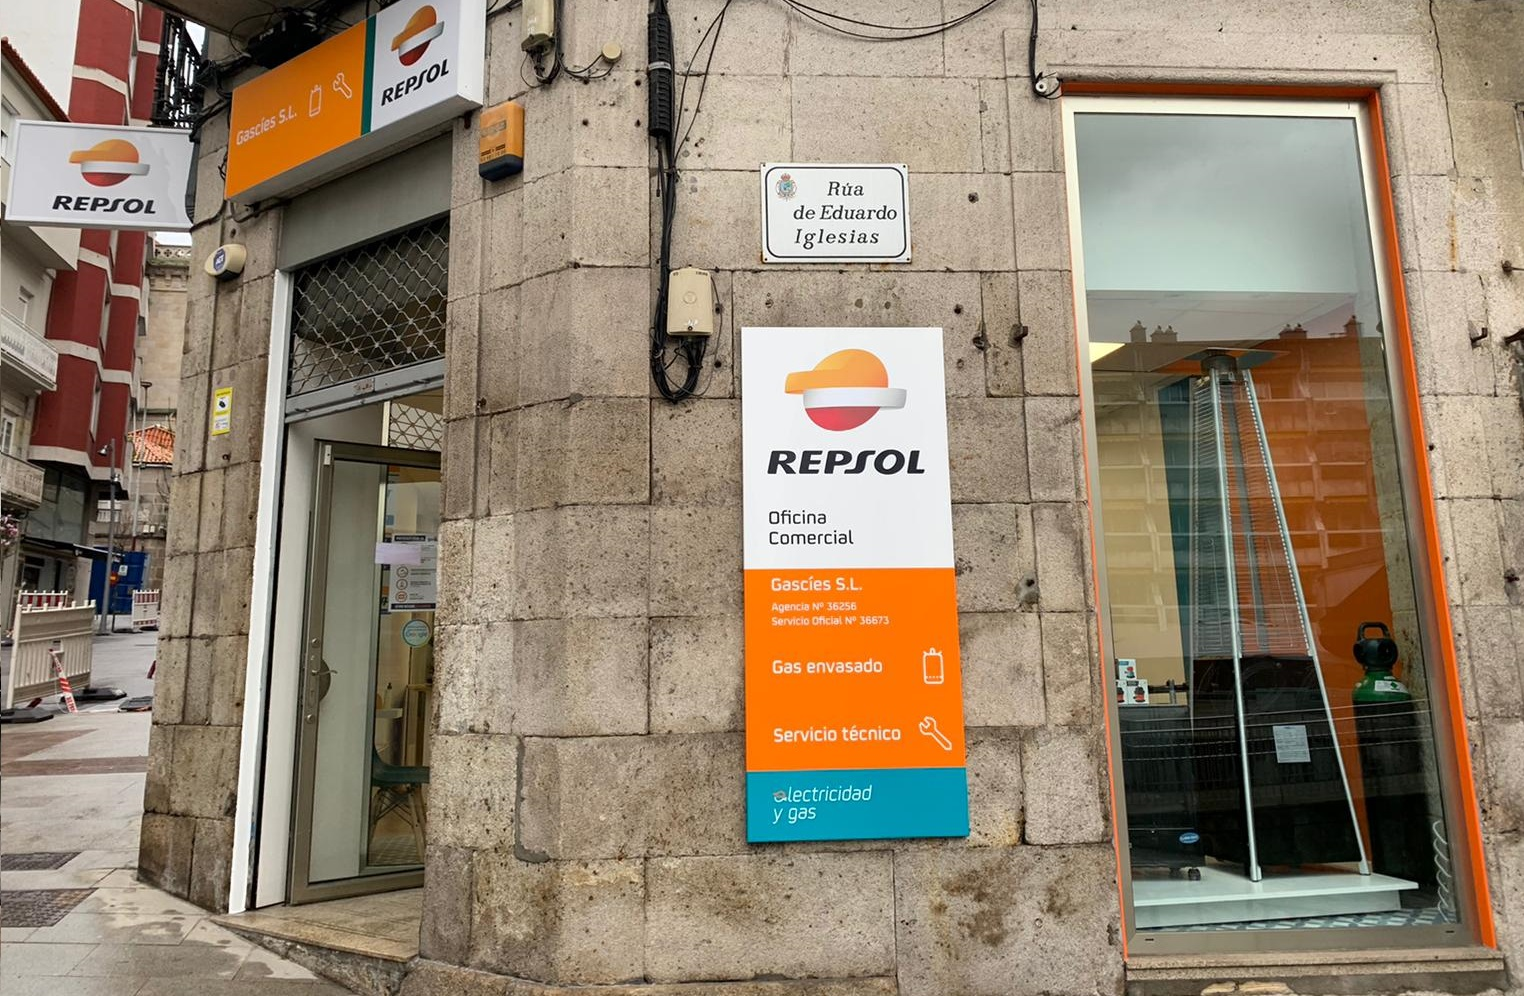 Oficina Repsol Gascies